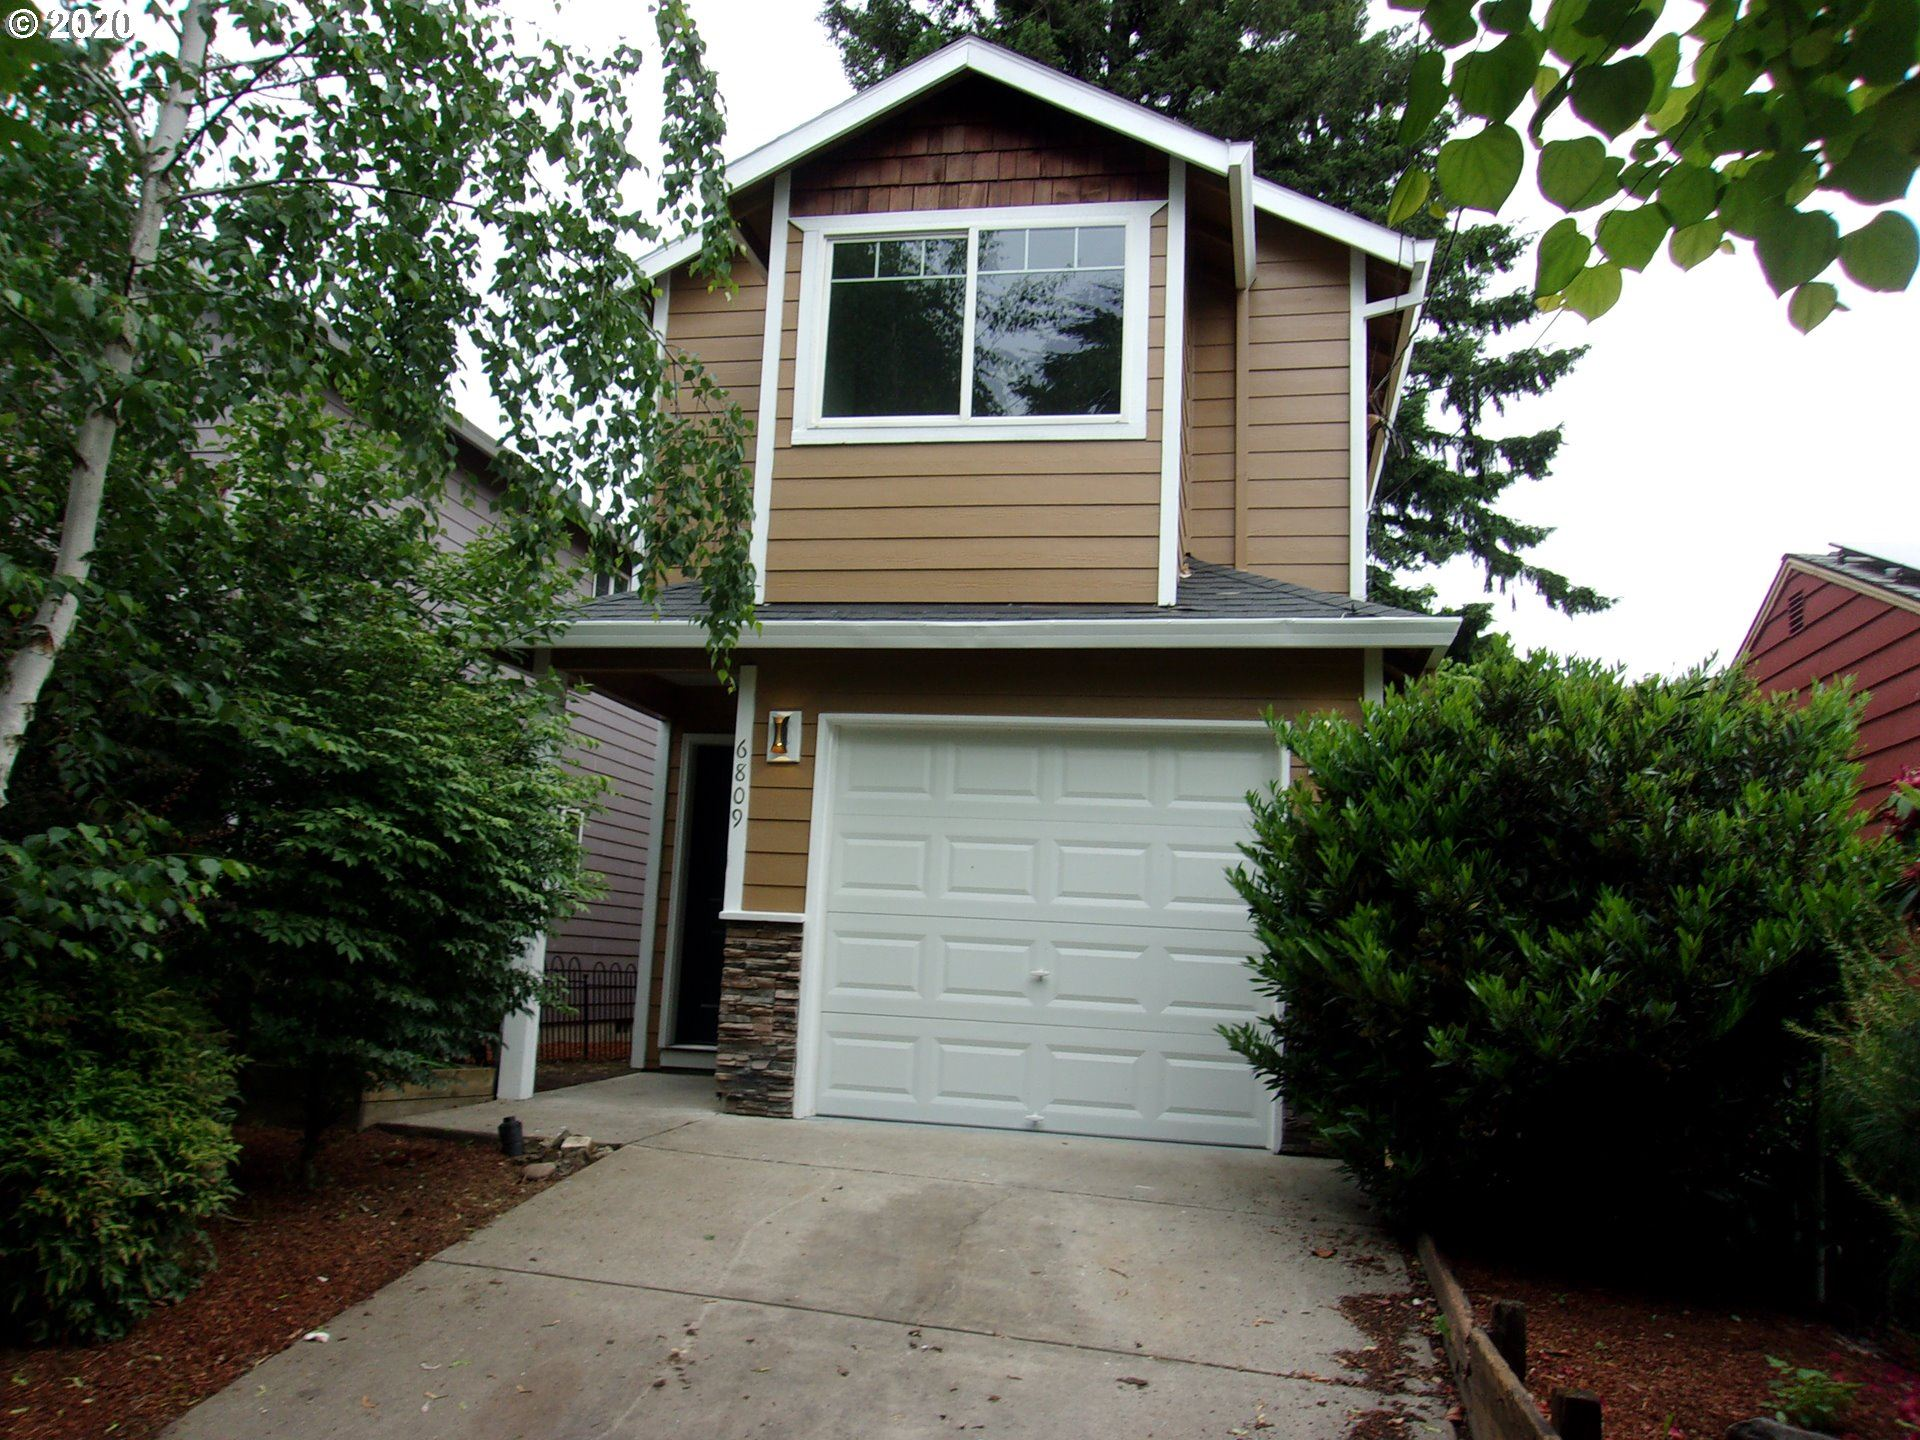 6809 N SENECA ST, Portland, OR 97203 - MLS#: 20202803